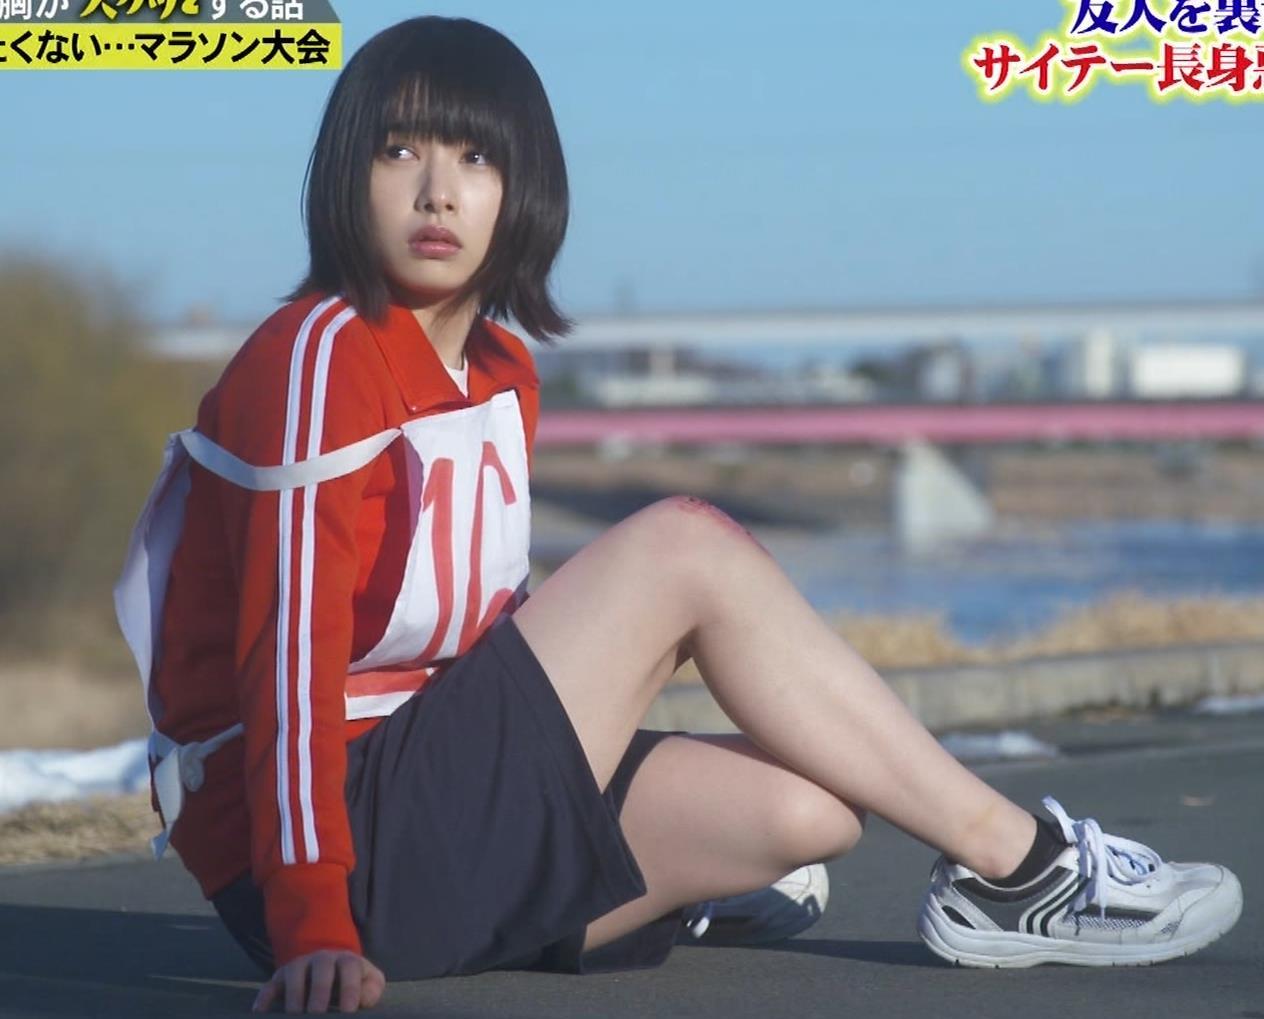 桜井日奈子 (女子高生役)体操服で脚露出キャプ・エロ画像